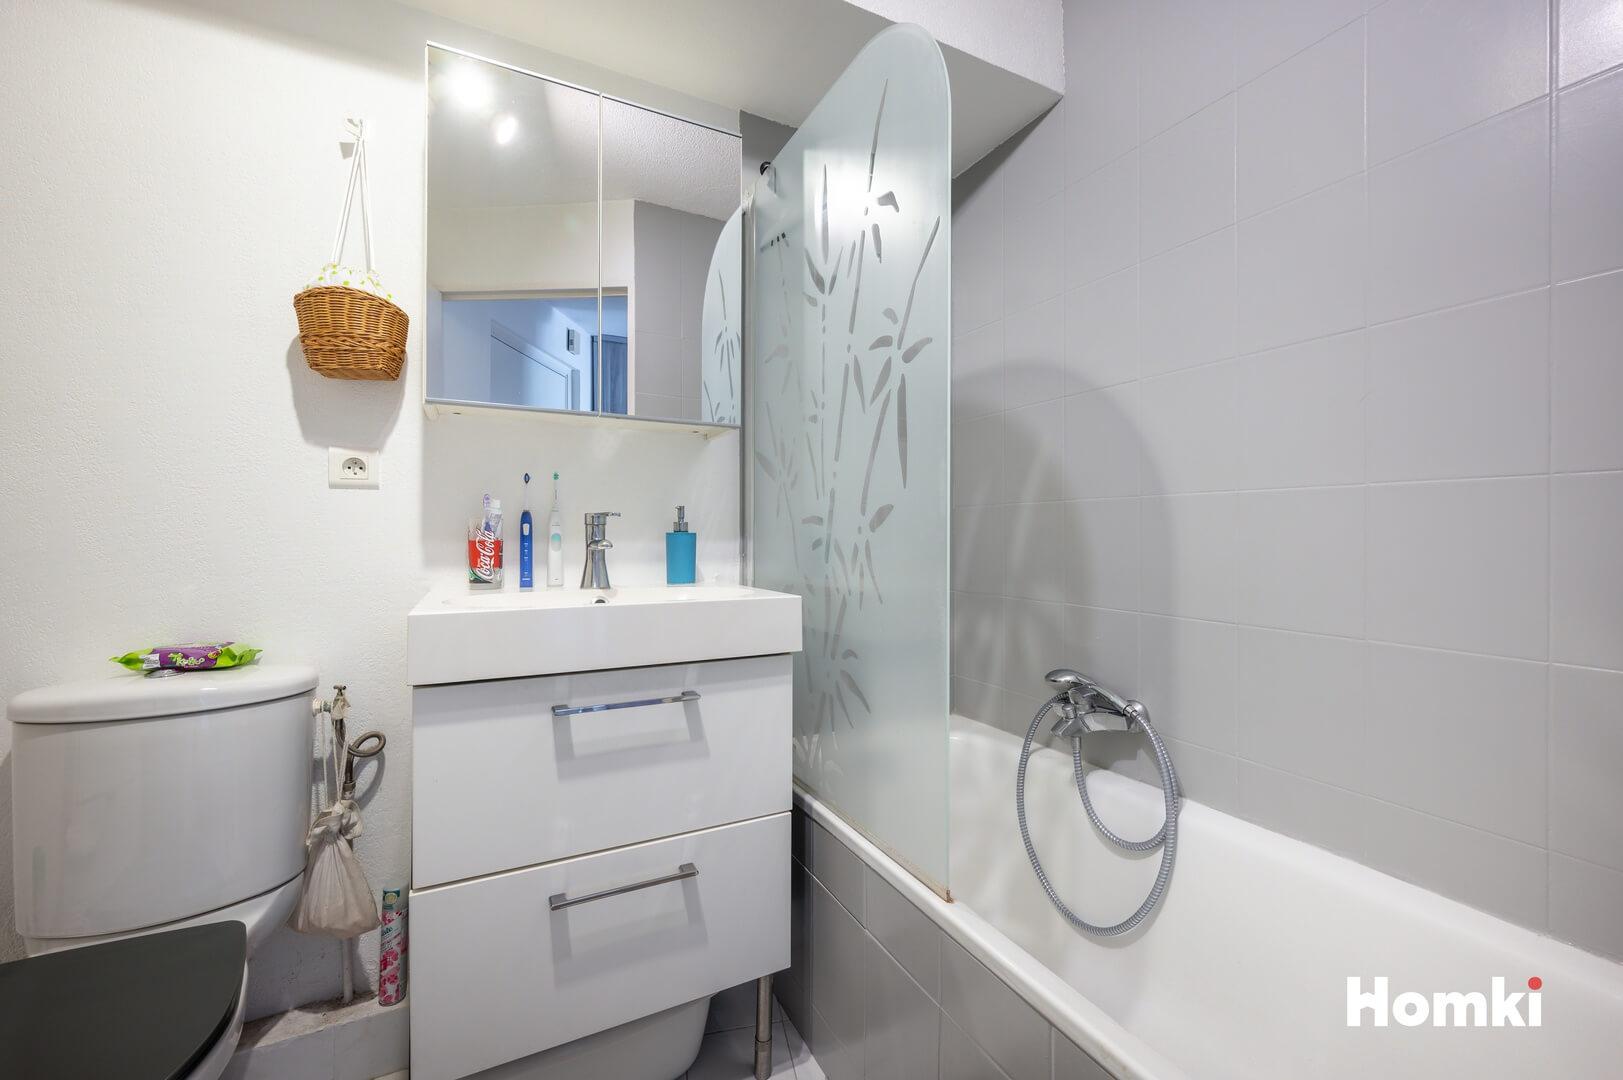 Homki - Vente Appartement  de 29.01 m² à Le Cannet 06110